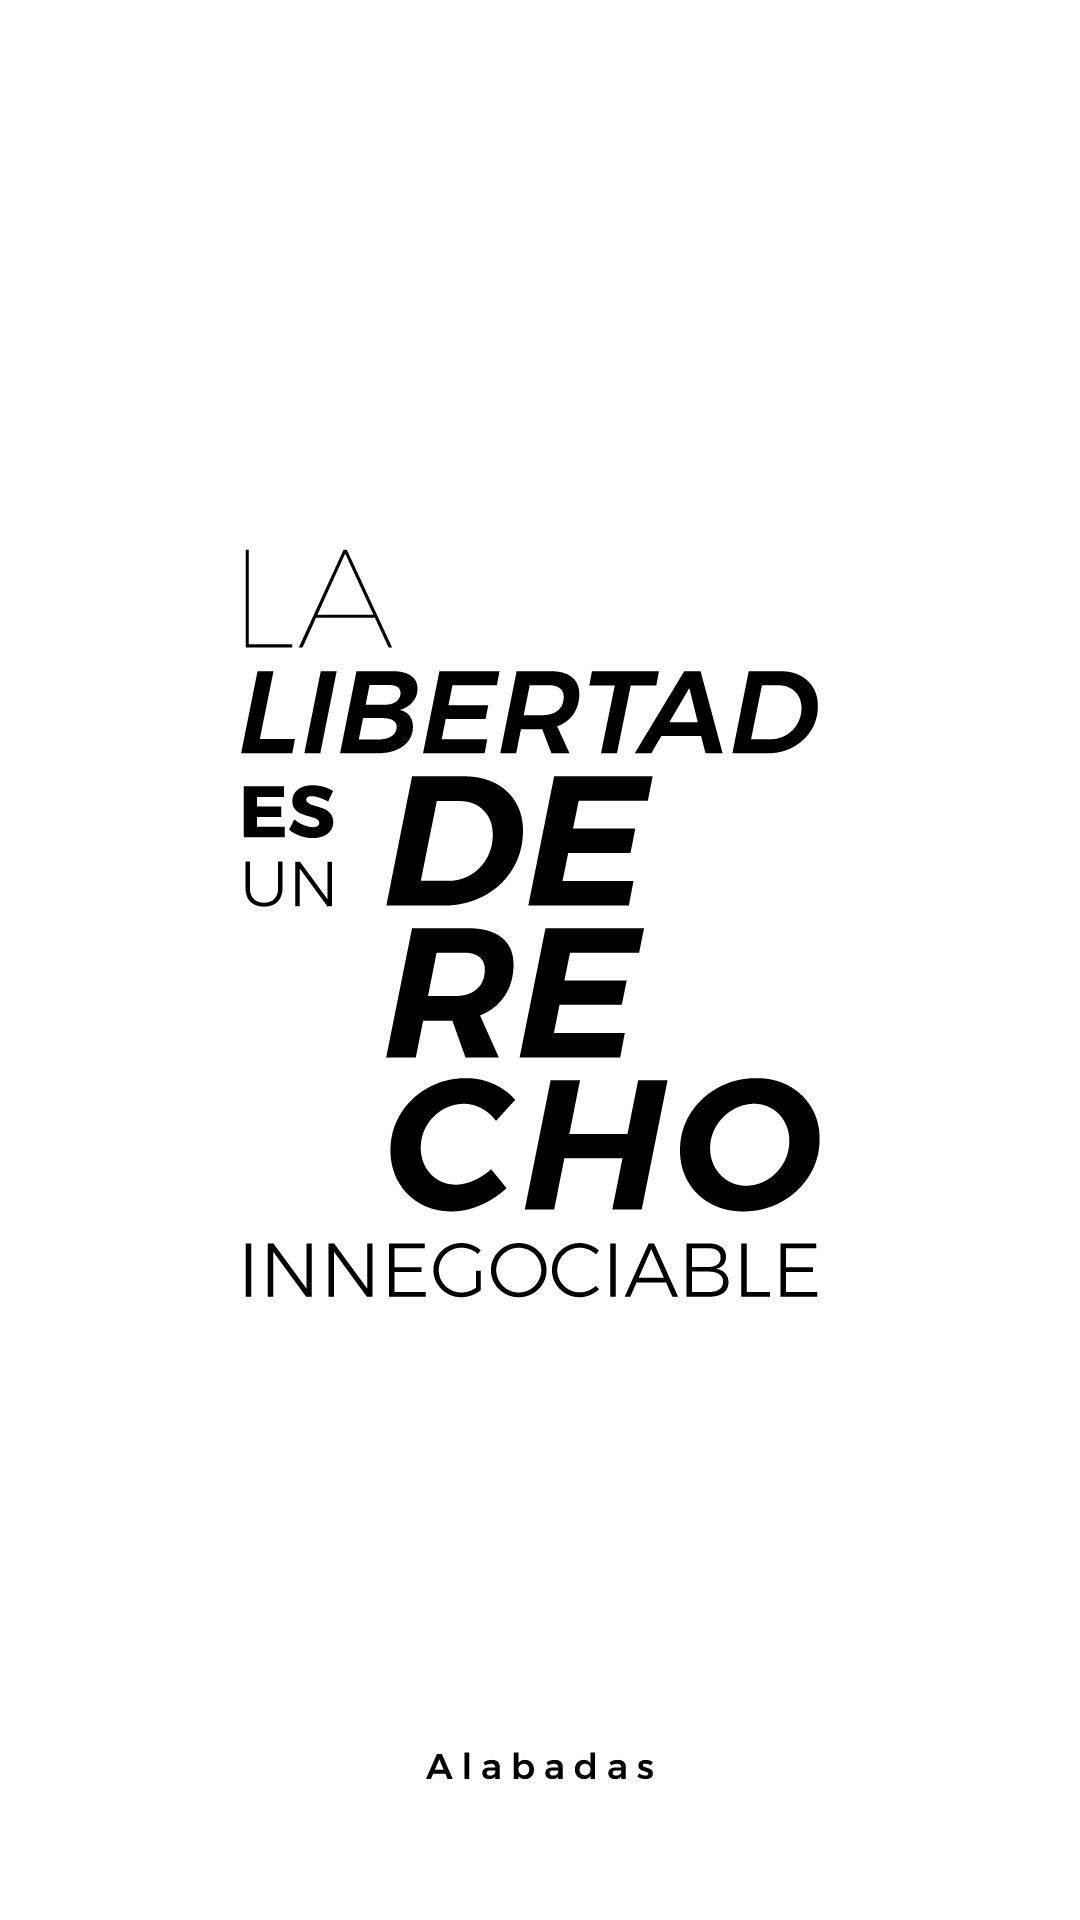 La libertad es un derecho innegociable